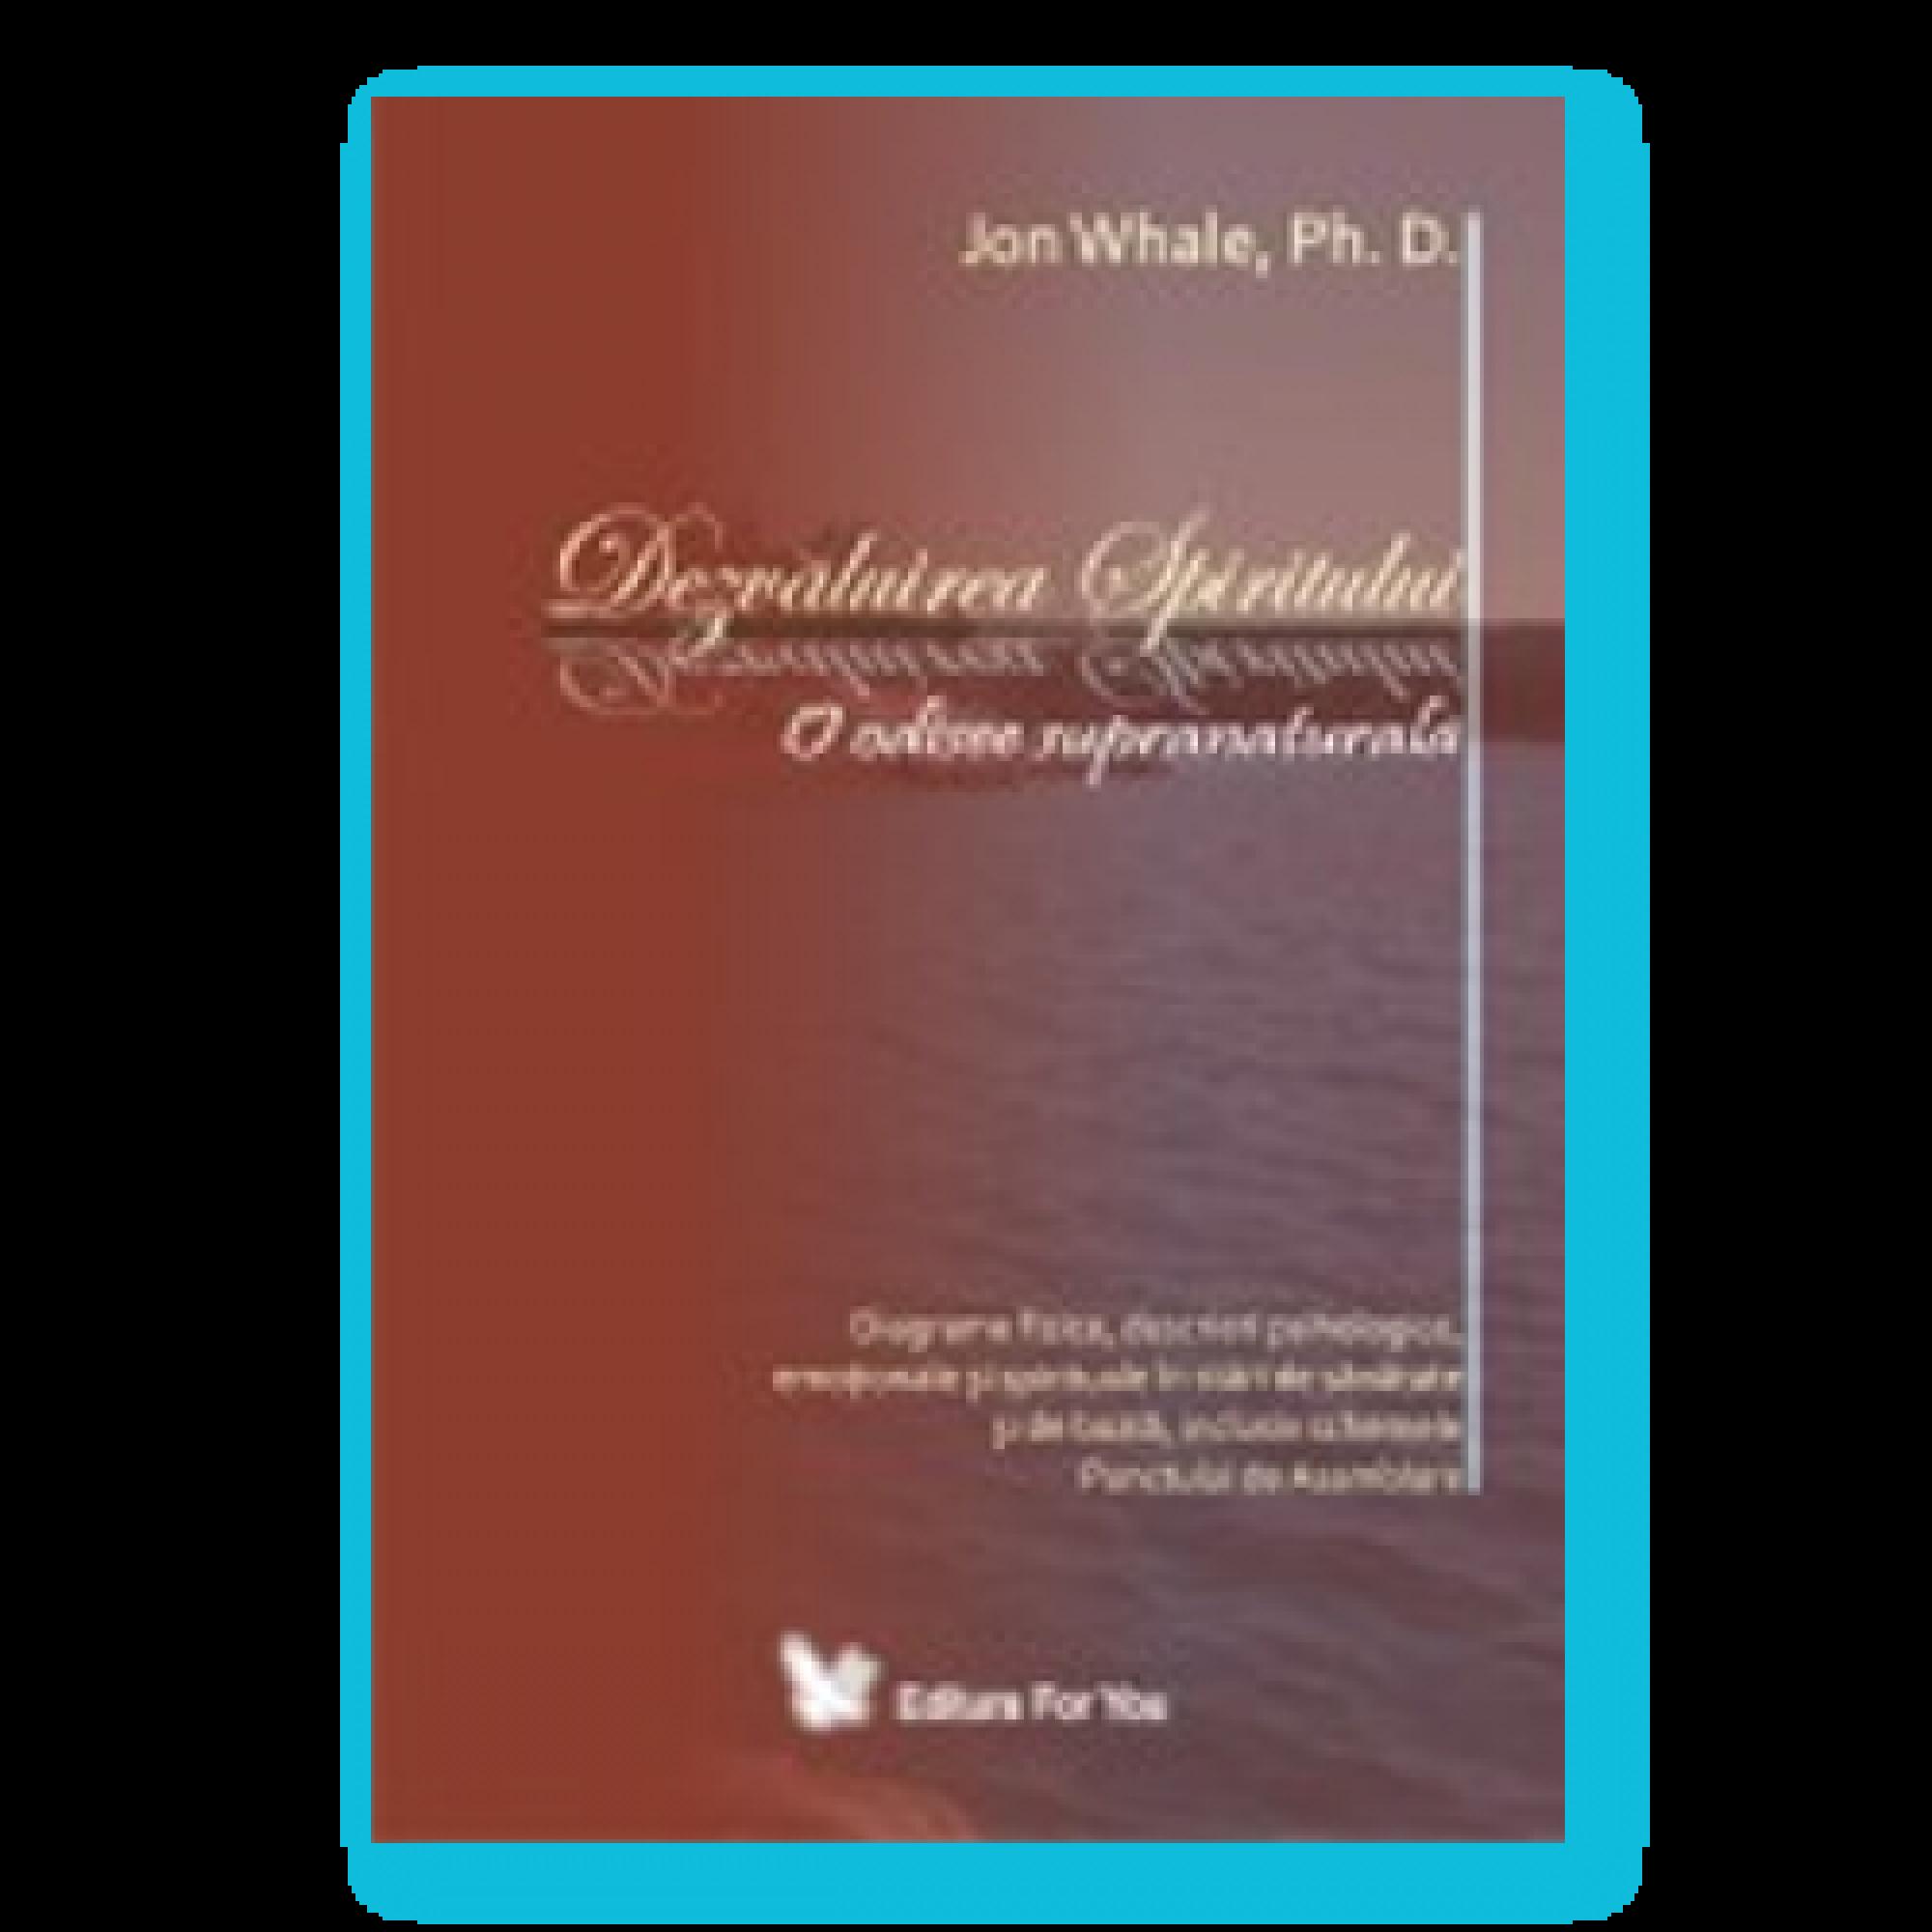 Dezvăluirea spiritului - o odisee supranaturală; Jon Whale